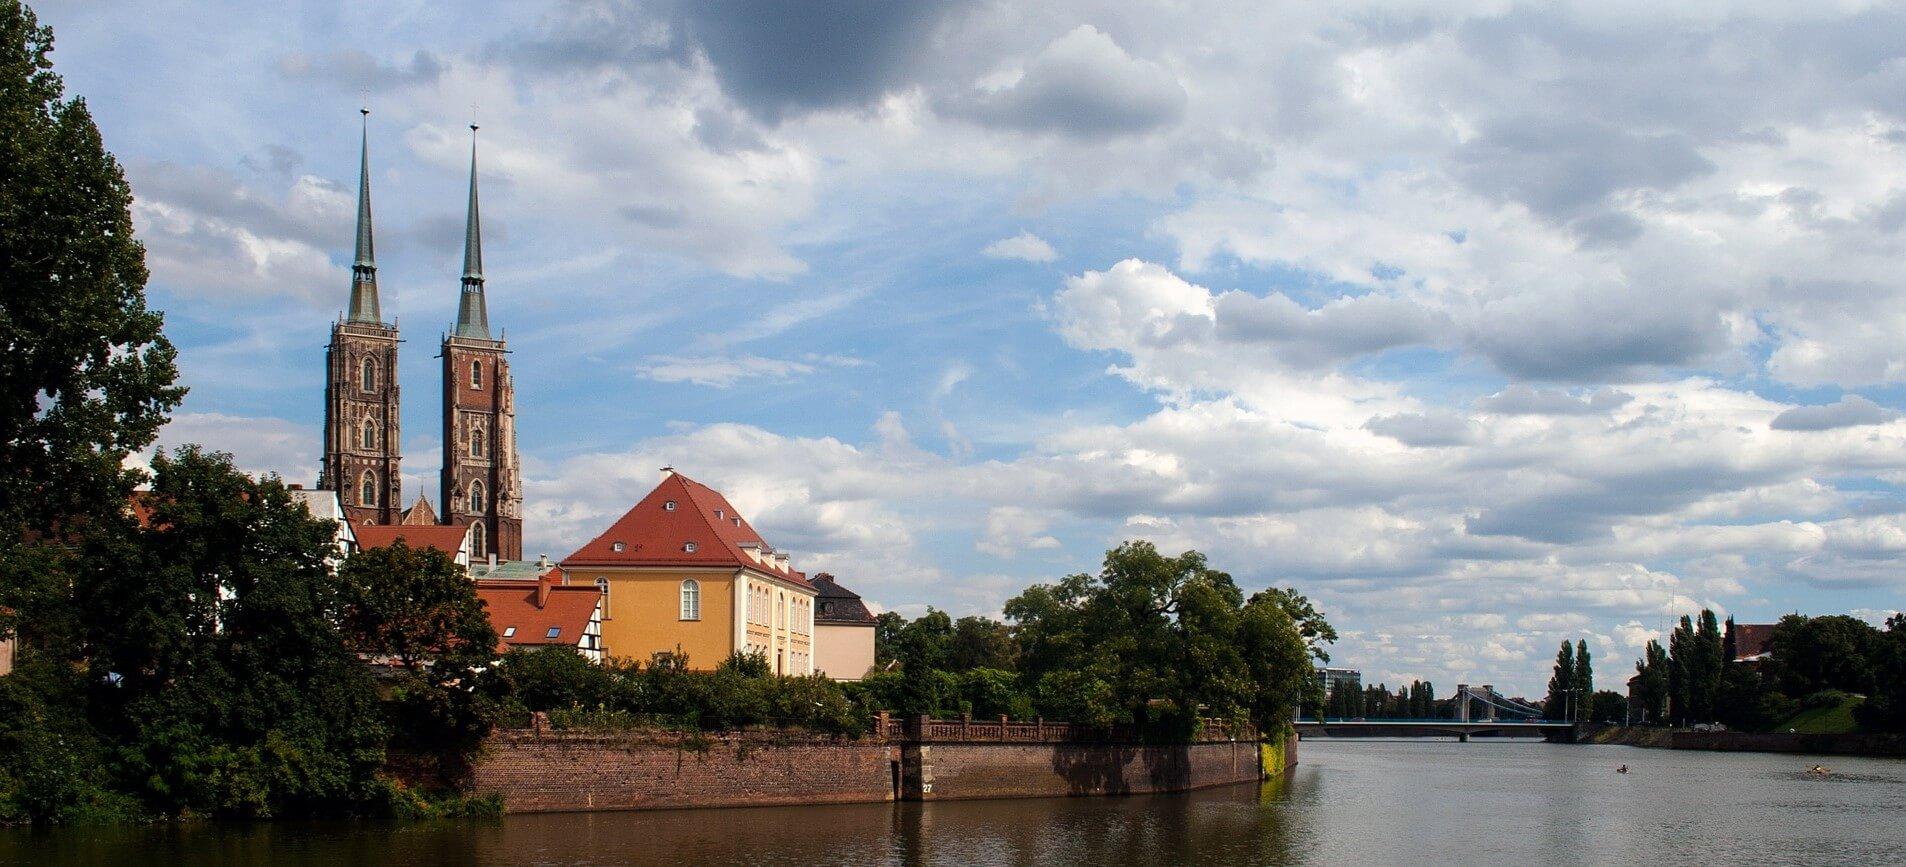 Direktflüge und Billigflüge nach Breslau